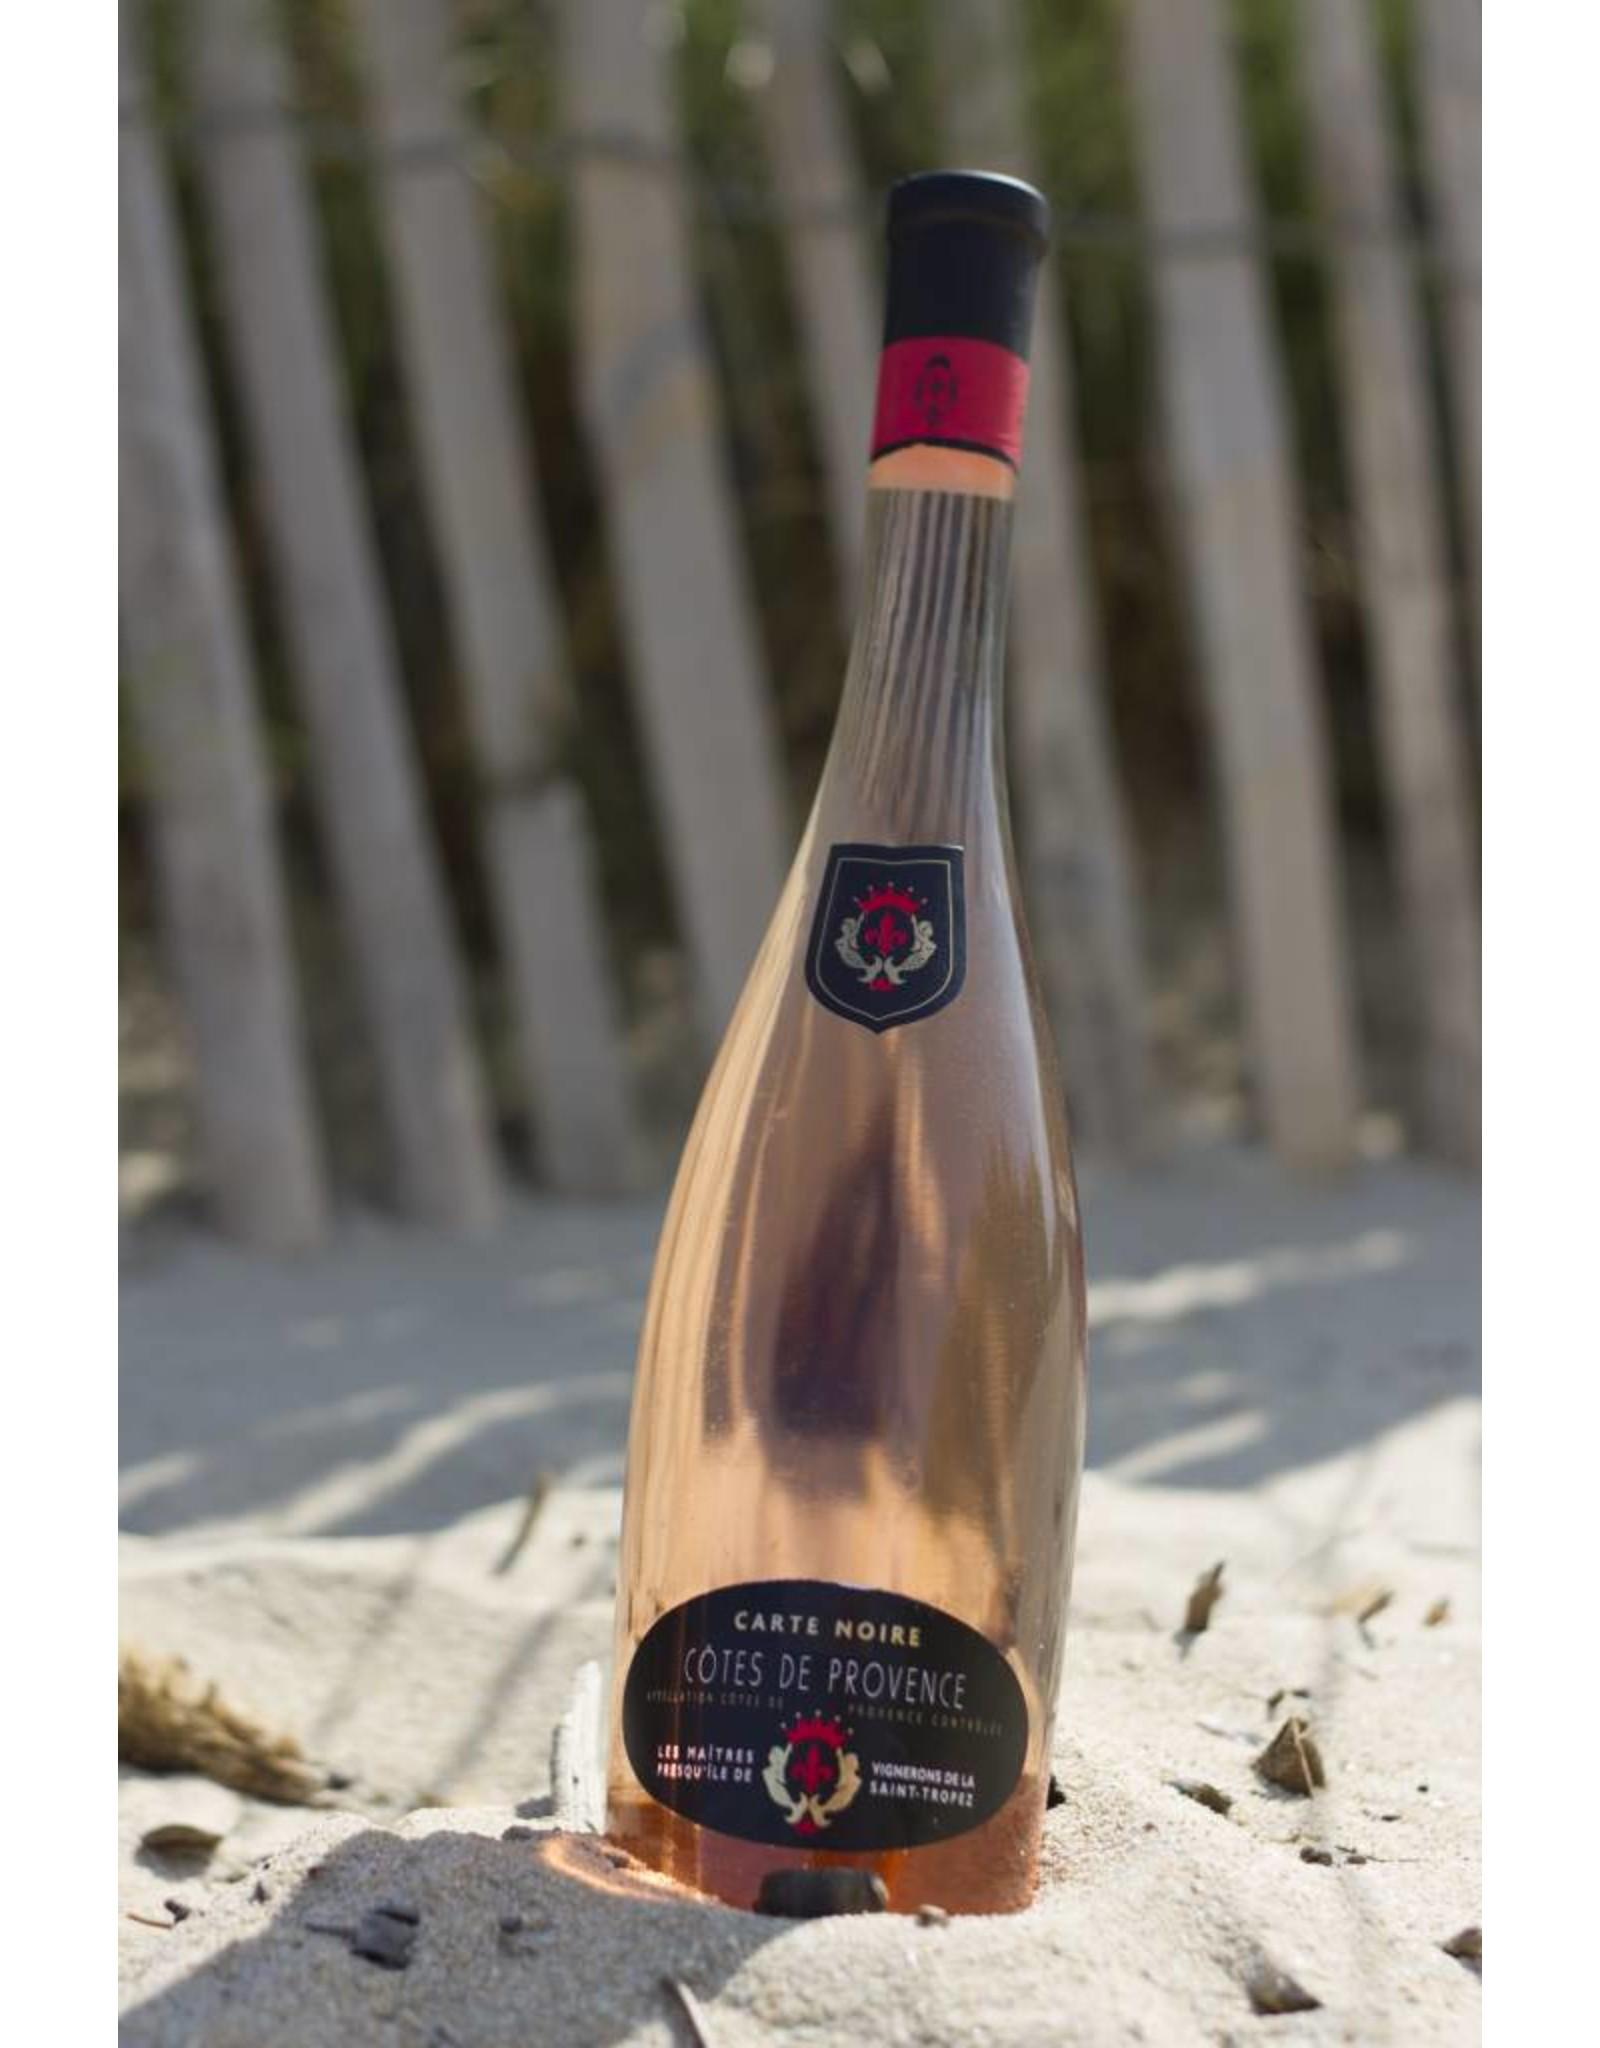 Les Maîtres Vignerons Luxueuze fles met een chique uitstraling.   Paradepaardje op tafel.   Typische zalmkleurige Provence rosé, populair bij een brede doelgroep.